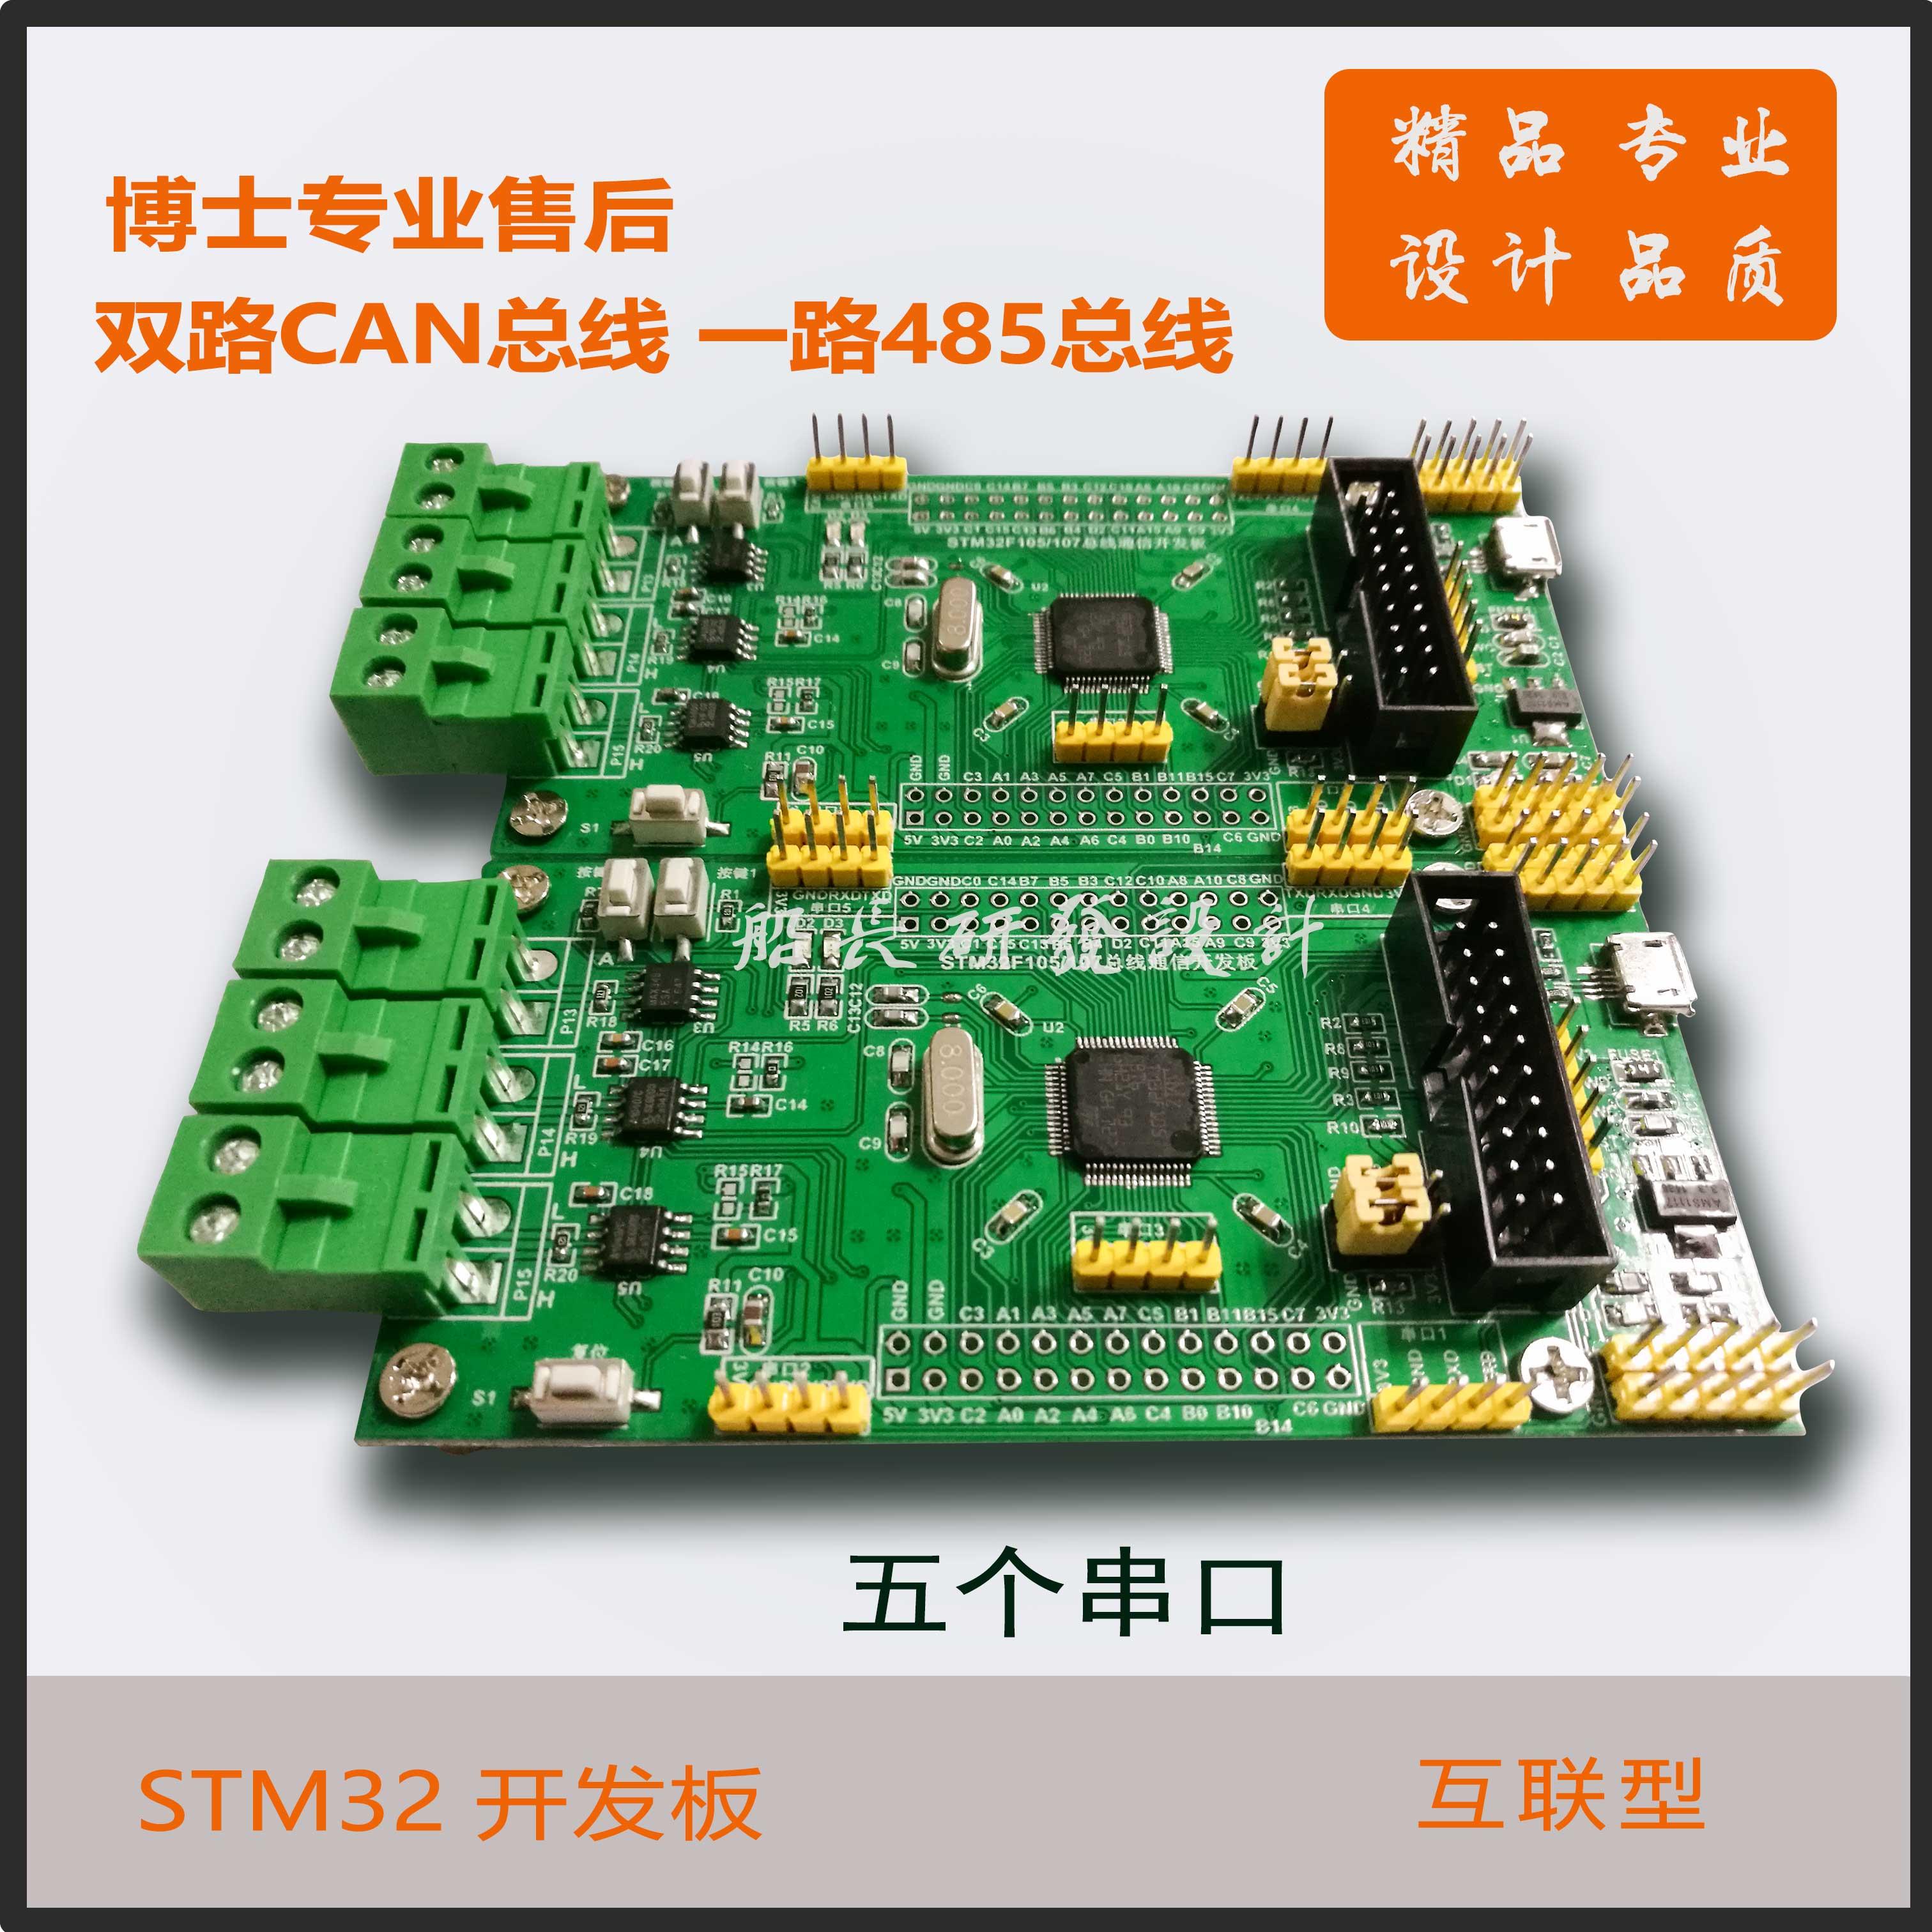 STM32F105RCT6/RBT6 Development Board / Minimum System / Dual CAN Bus Development Board /RS485 w5500 development board the ethernet module ethernet development board